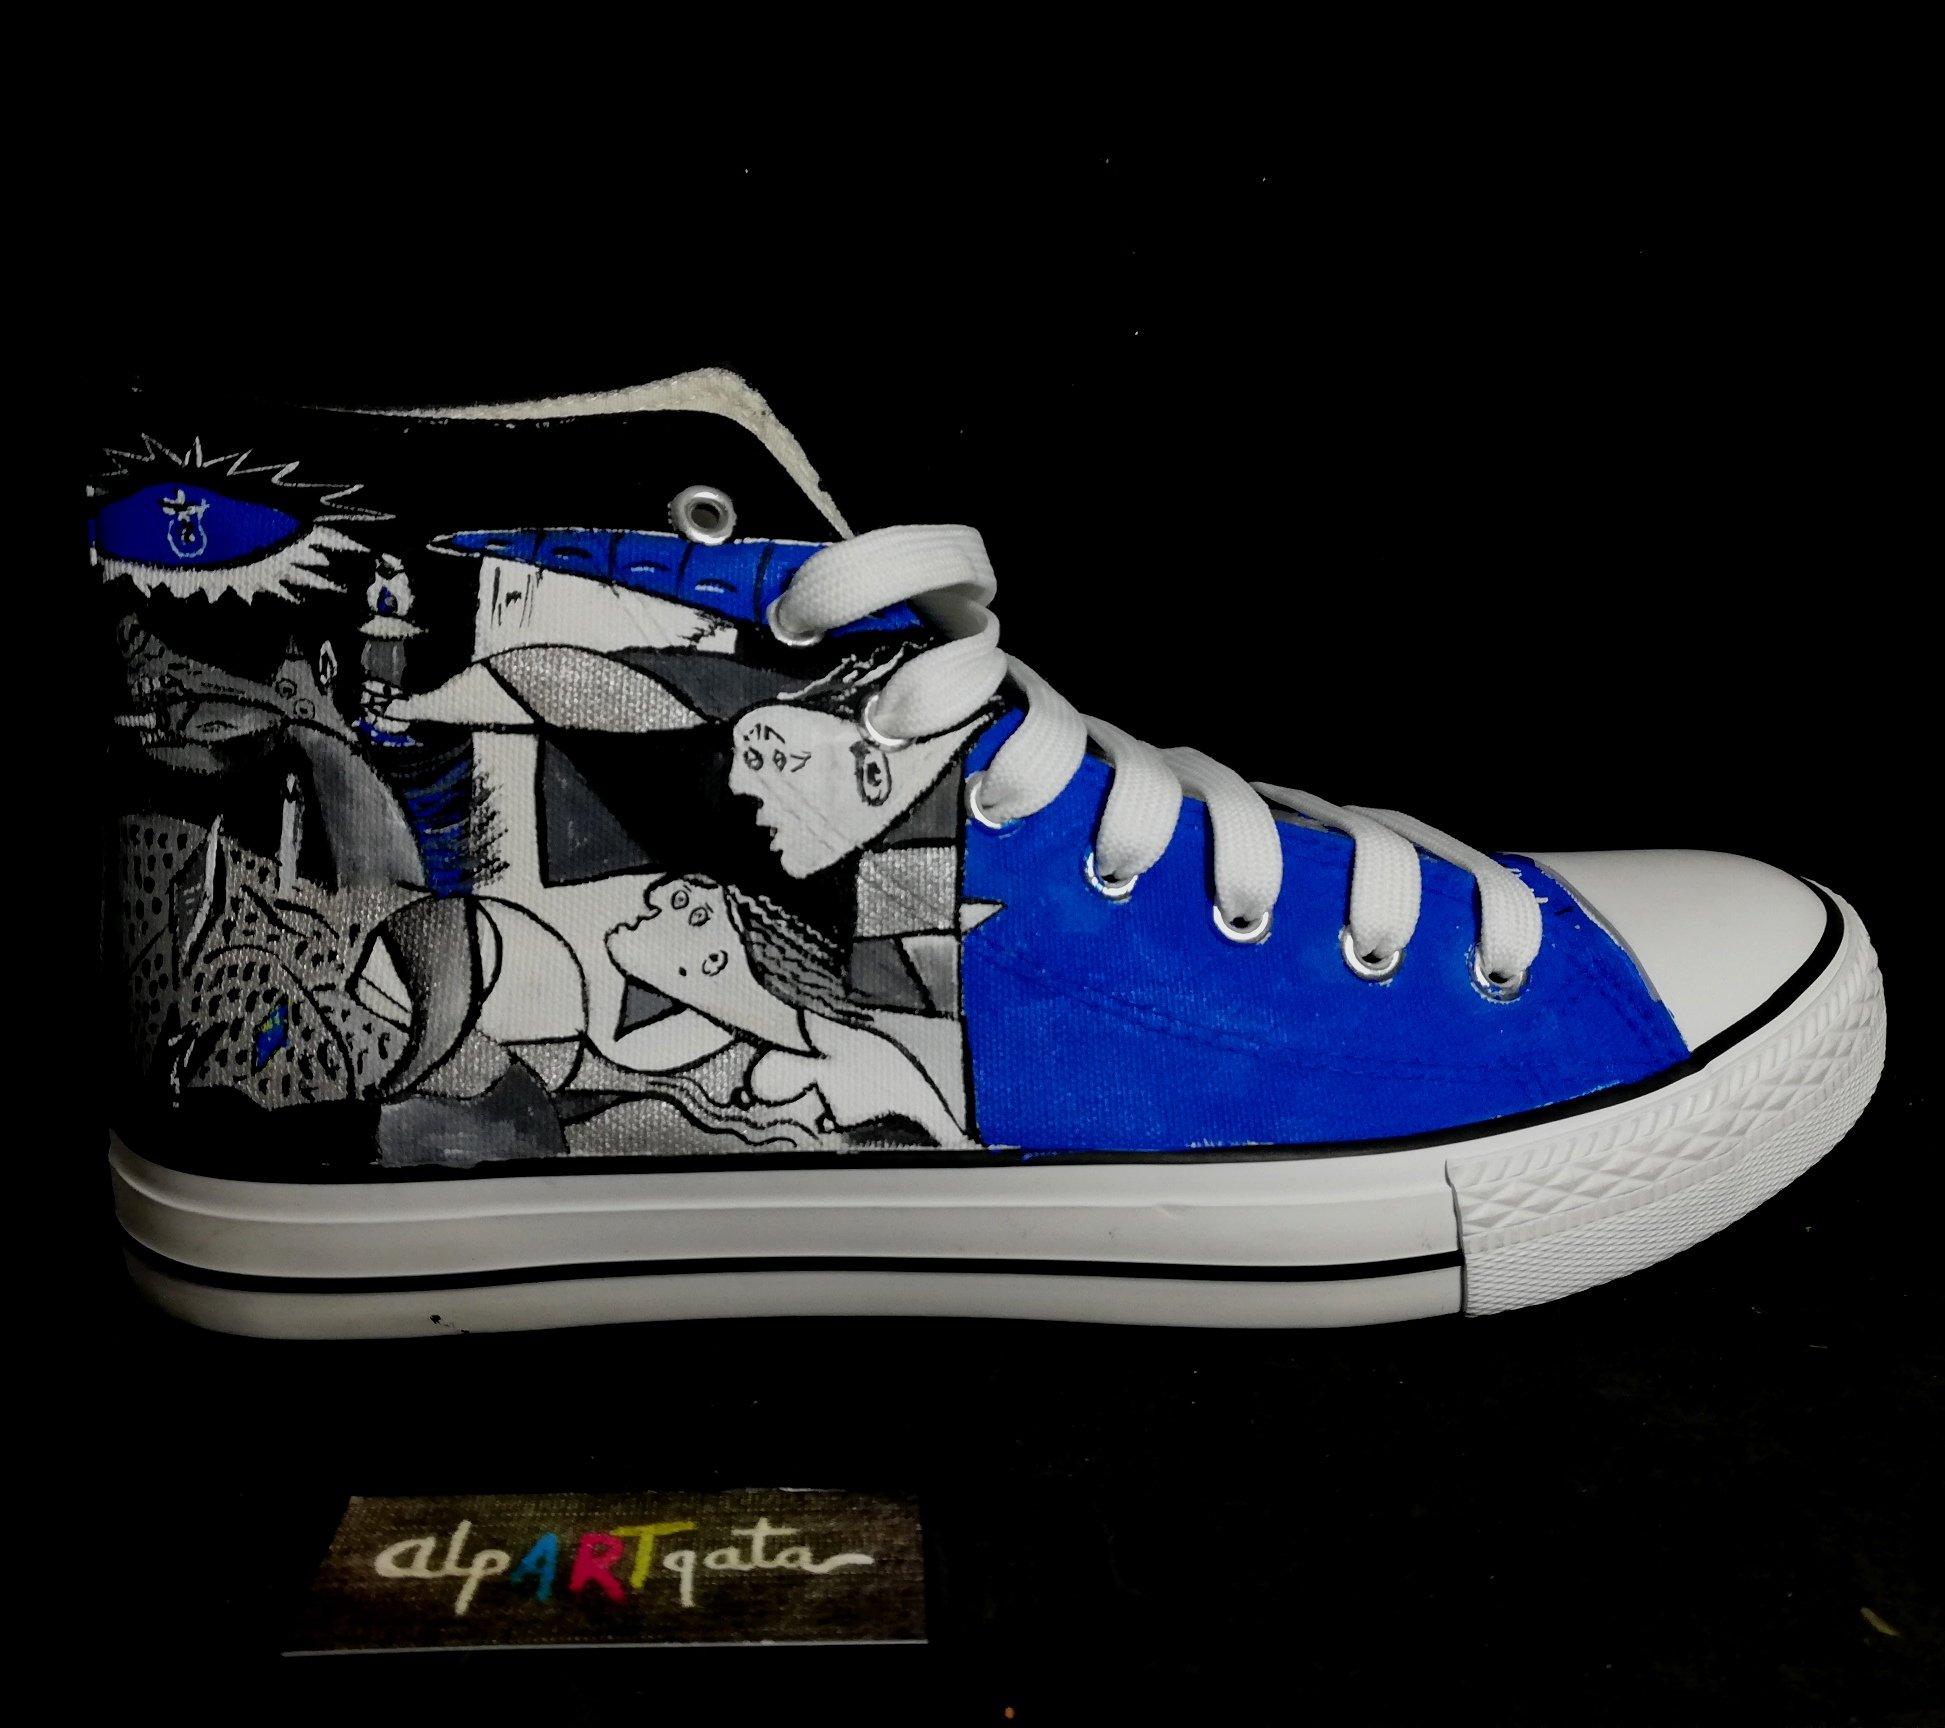 wpid-zapatillas-pintadas-alpartgata-guernica-picasso5933293966680584082.jpg